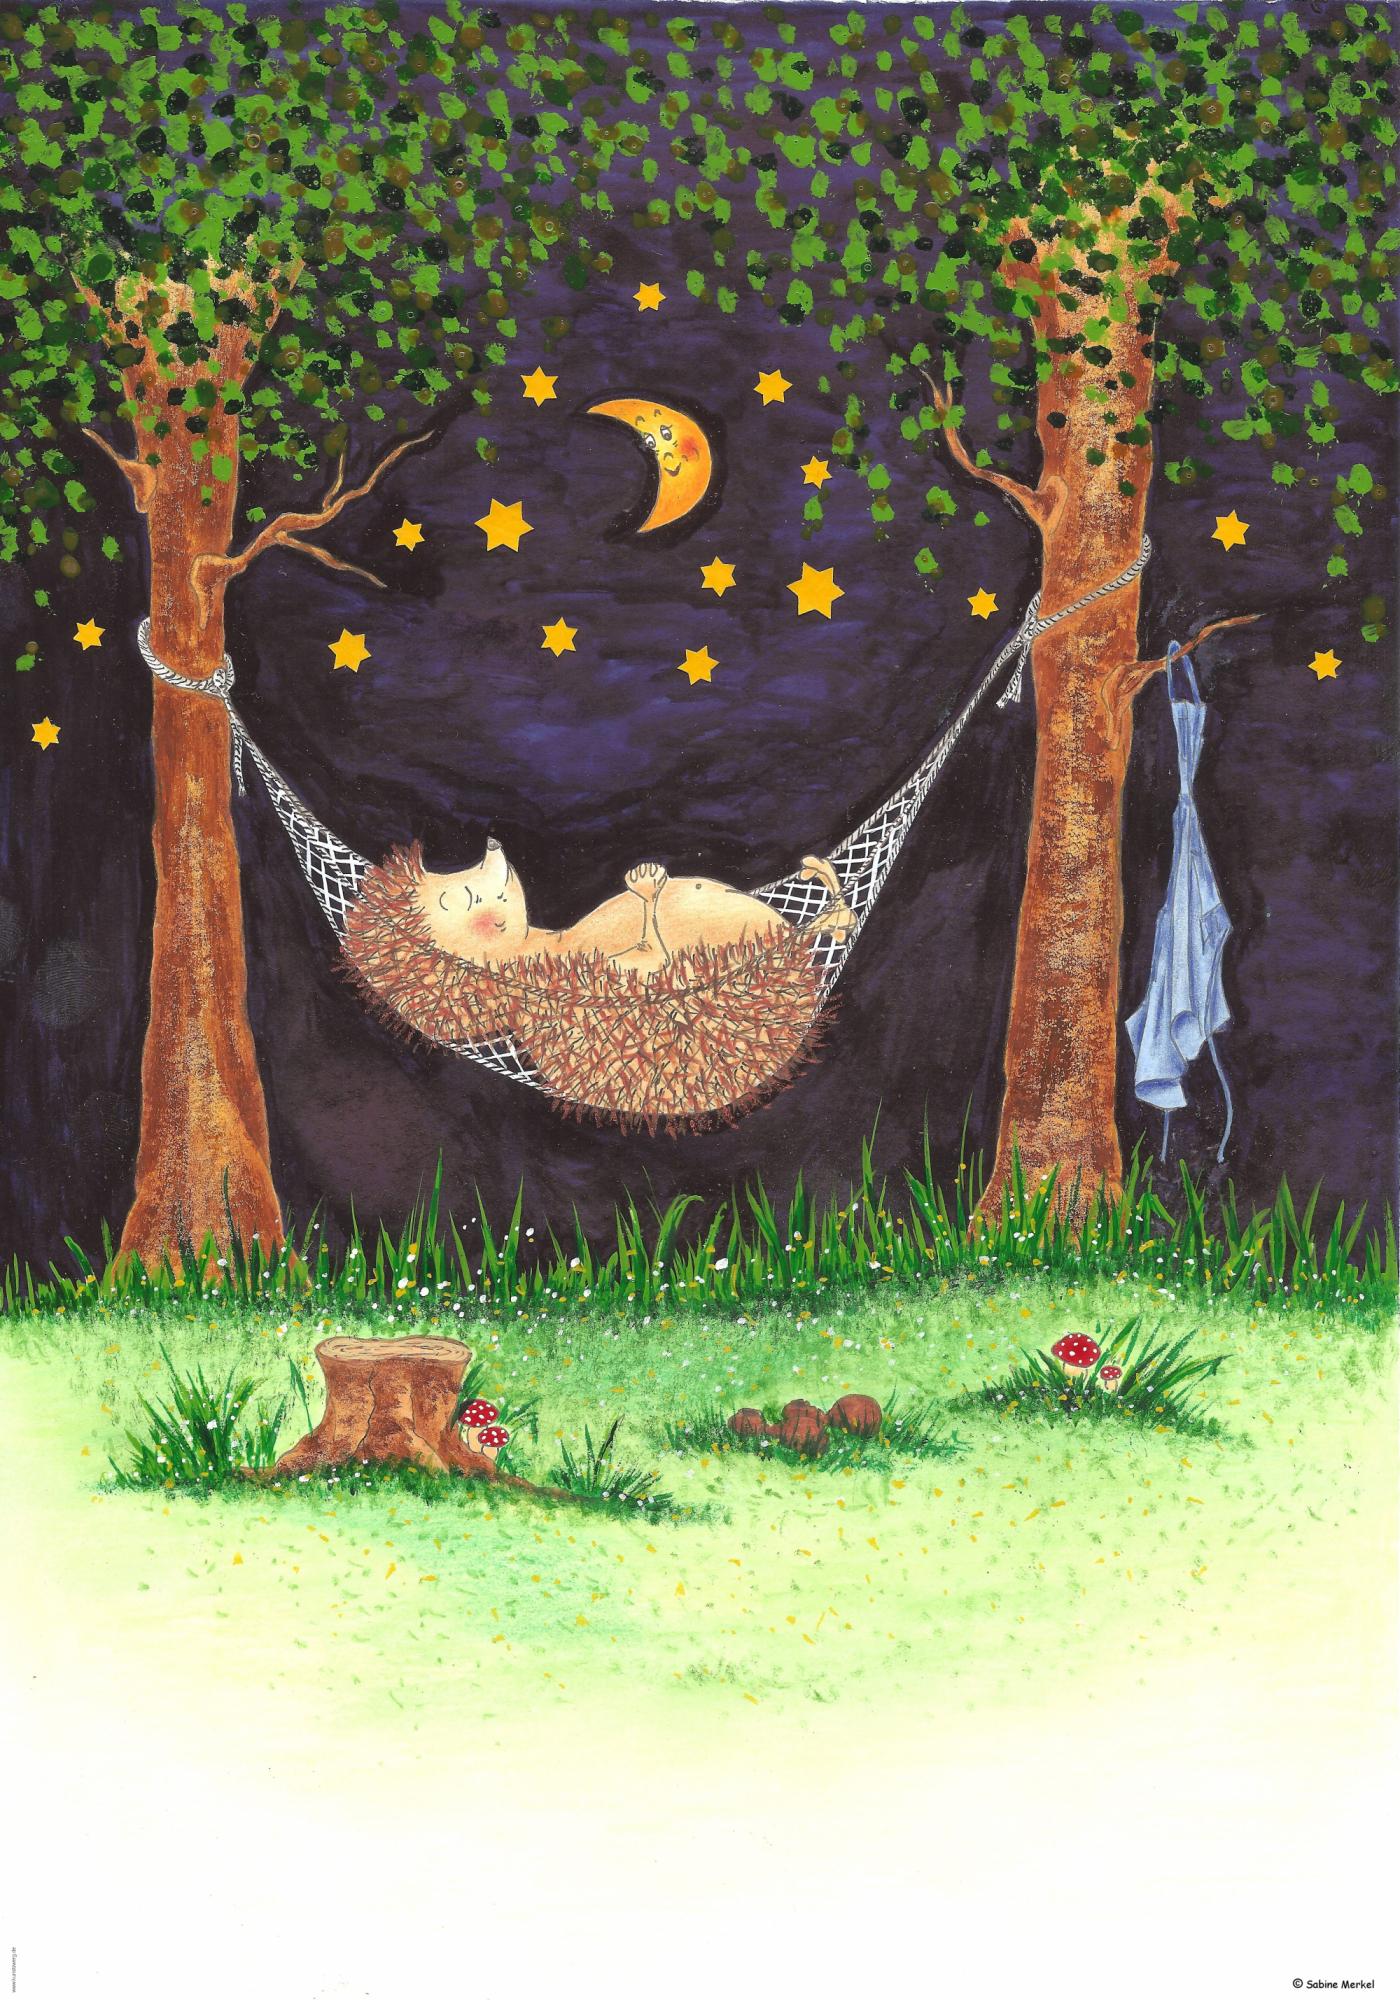 Gute Nacht Poster 81 Pz